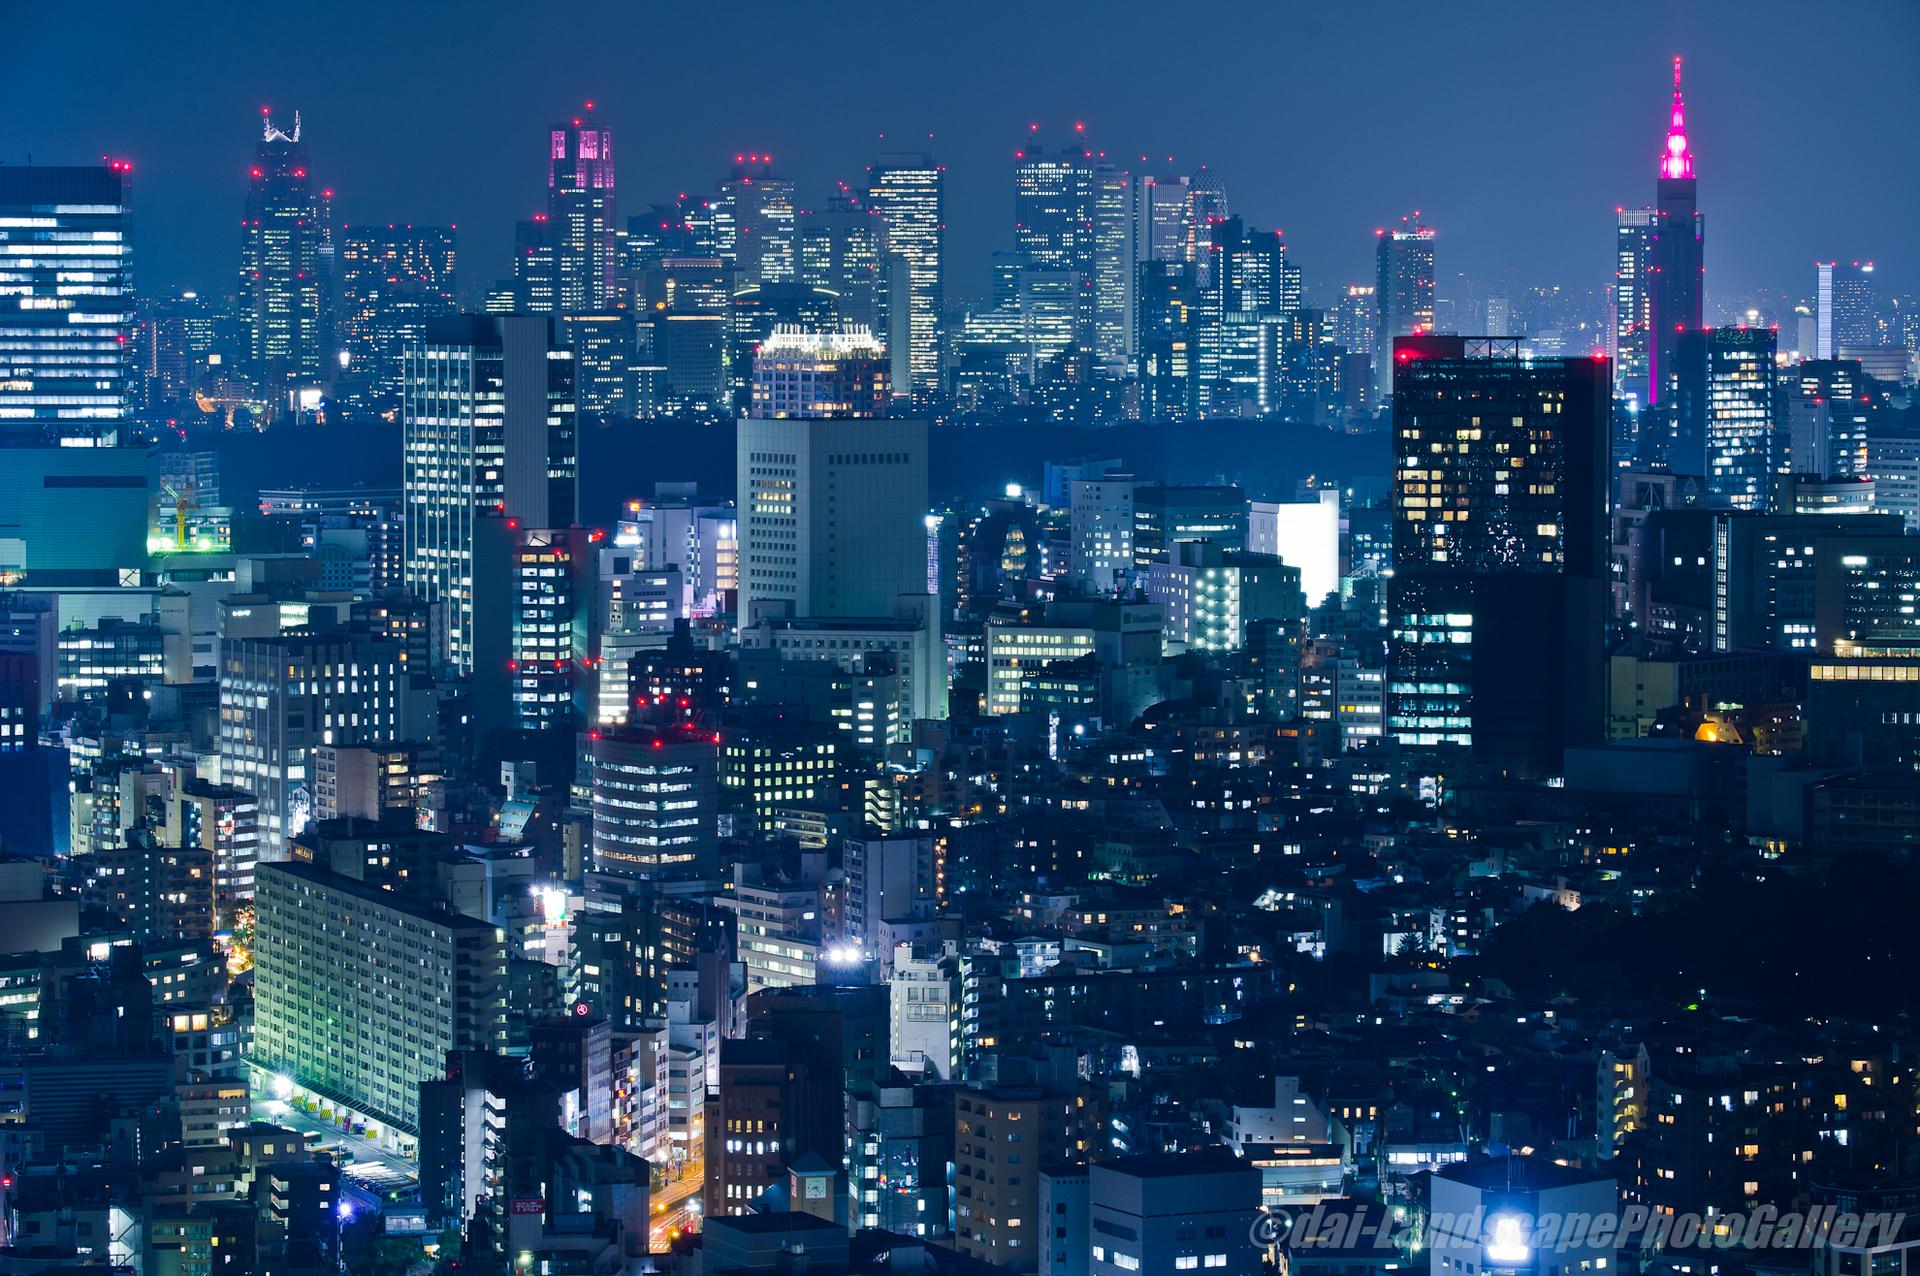 ピンクリボンフェスティバル キャンペーンライトアップの新宿